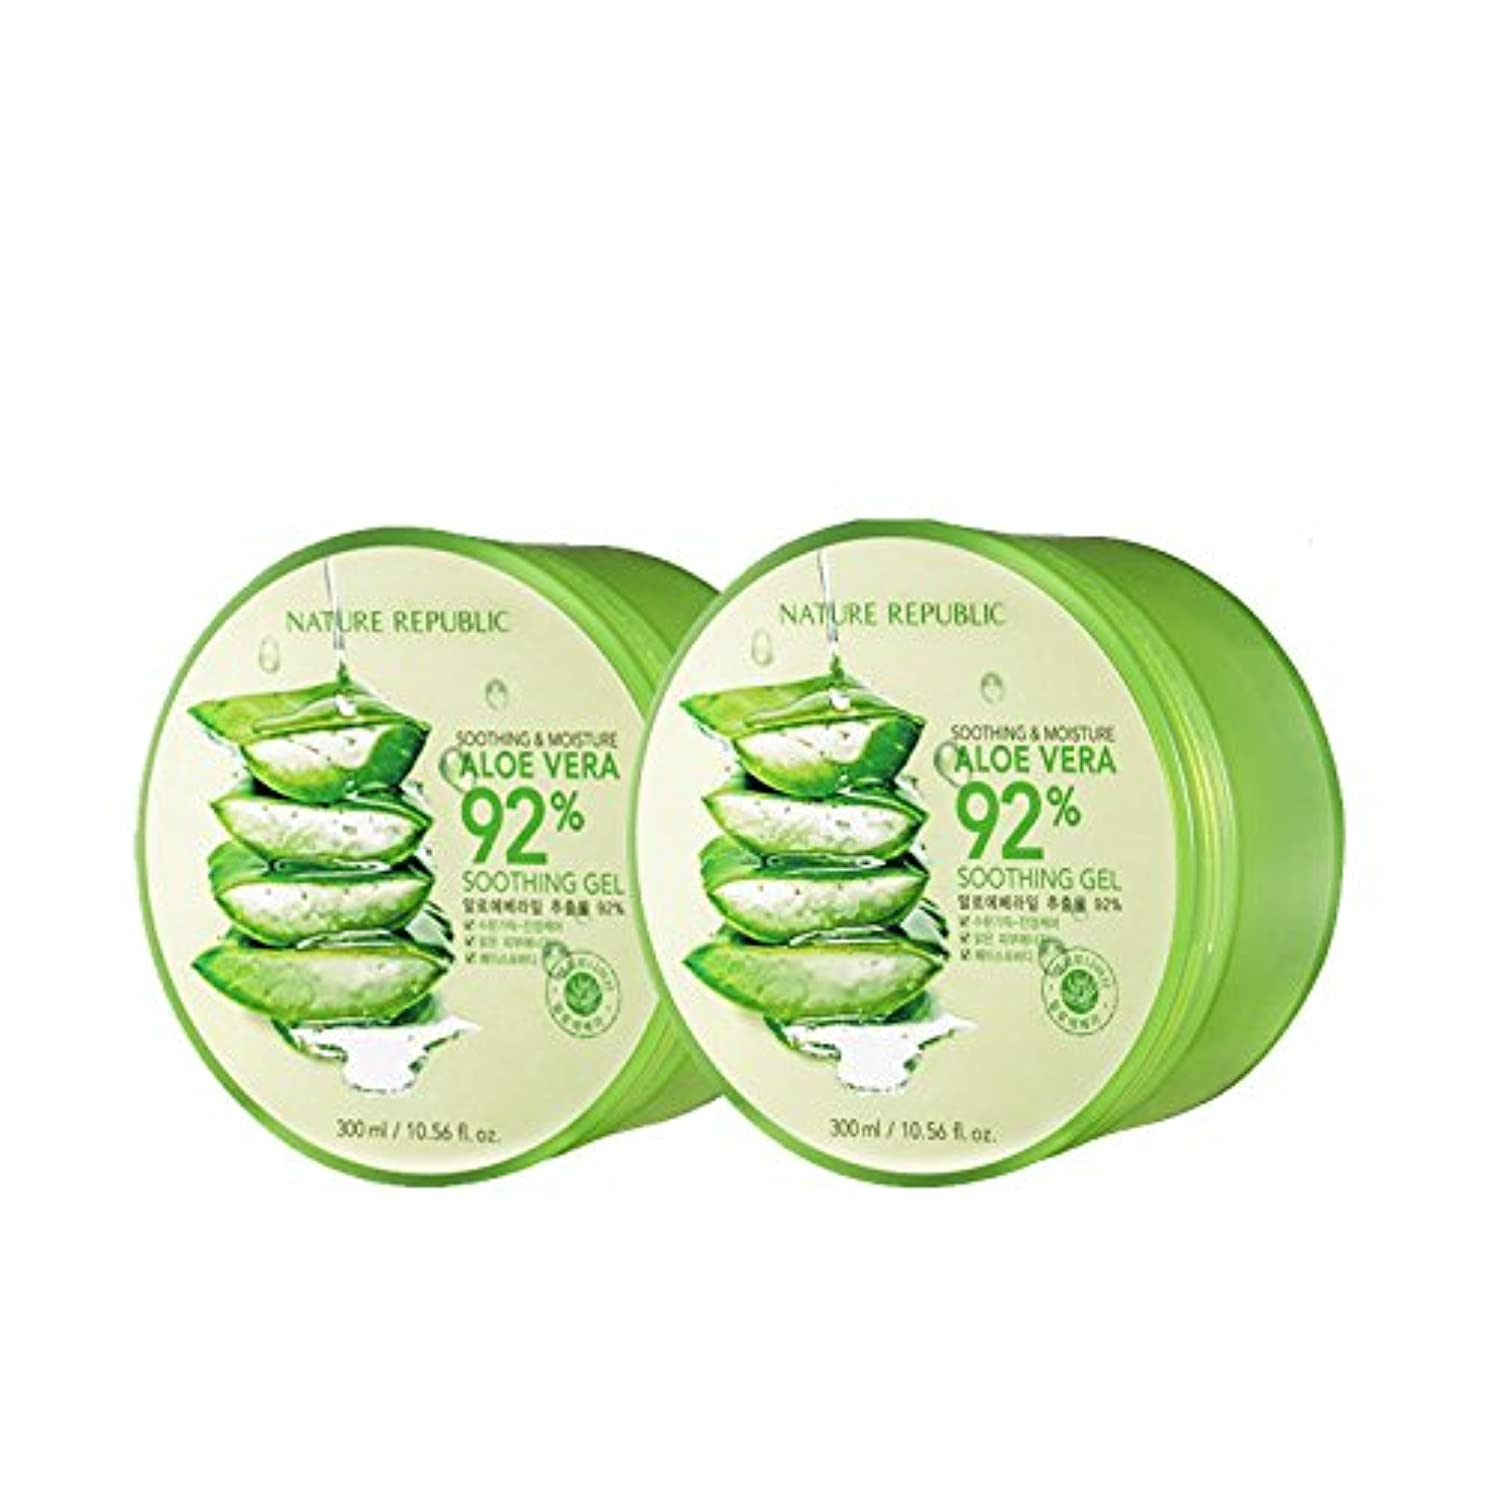 ニンニク魅惑的な懺悔[ネイチャーリパブリック]NATURE REPUBLIC/スージングアンドモイスチャーアロエベラ92%スージングジェル2つの /海外直送品/(Soothing & Moisture Aloe Vera 92% Soothing Gel(2EA)) [並行輸入品]